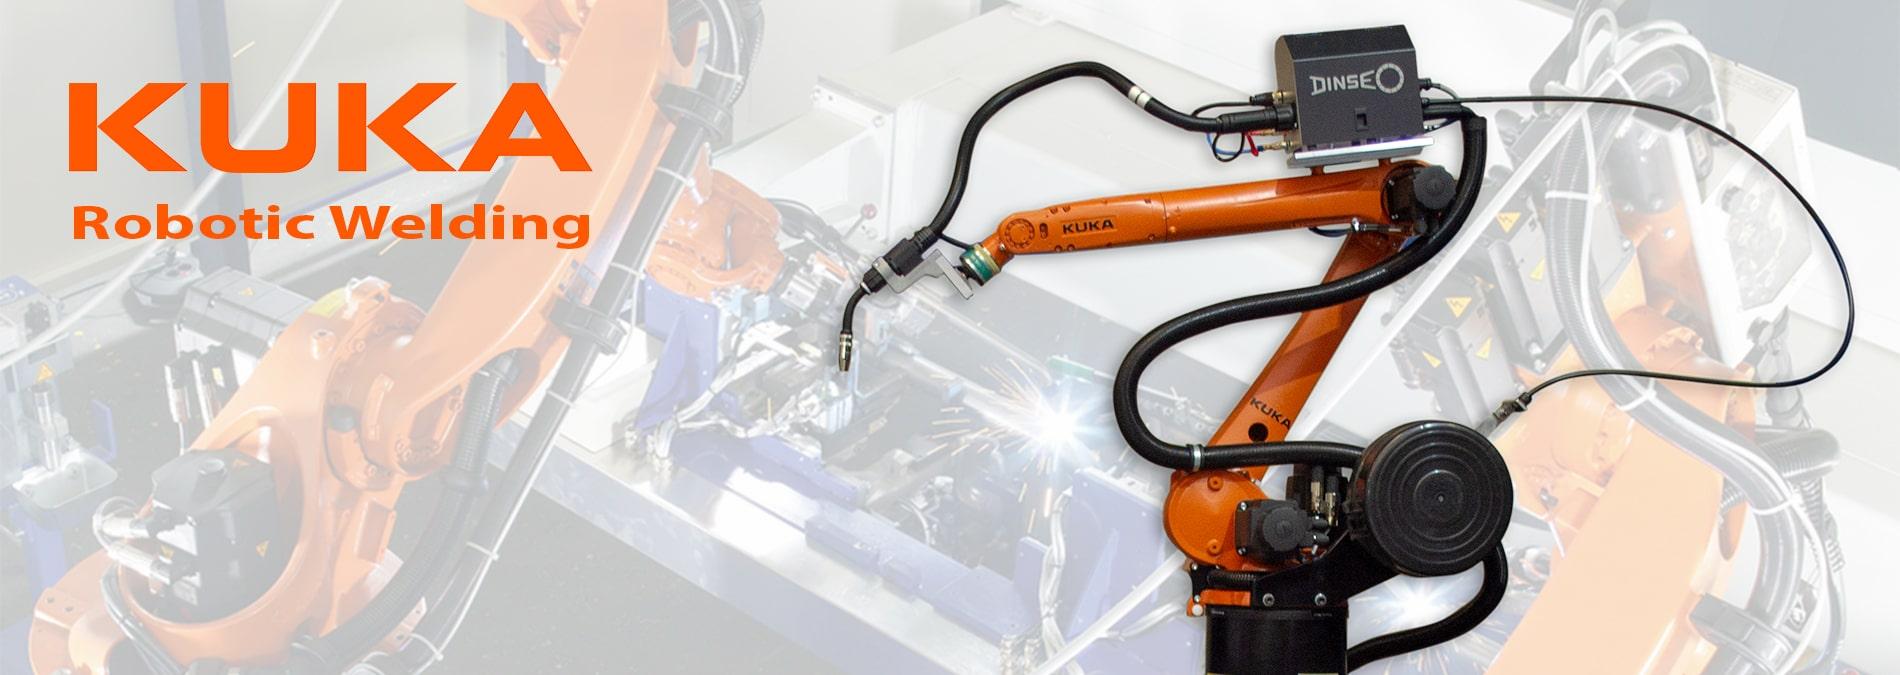 KUKA Robotic Welding - Olympus Technologies Welding